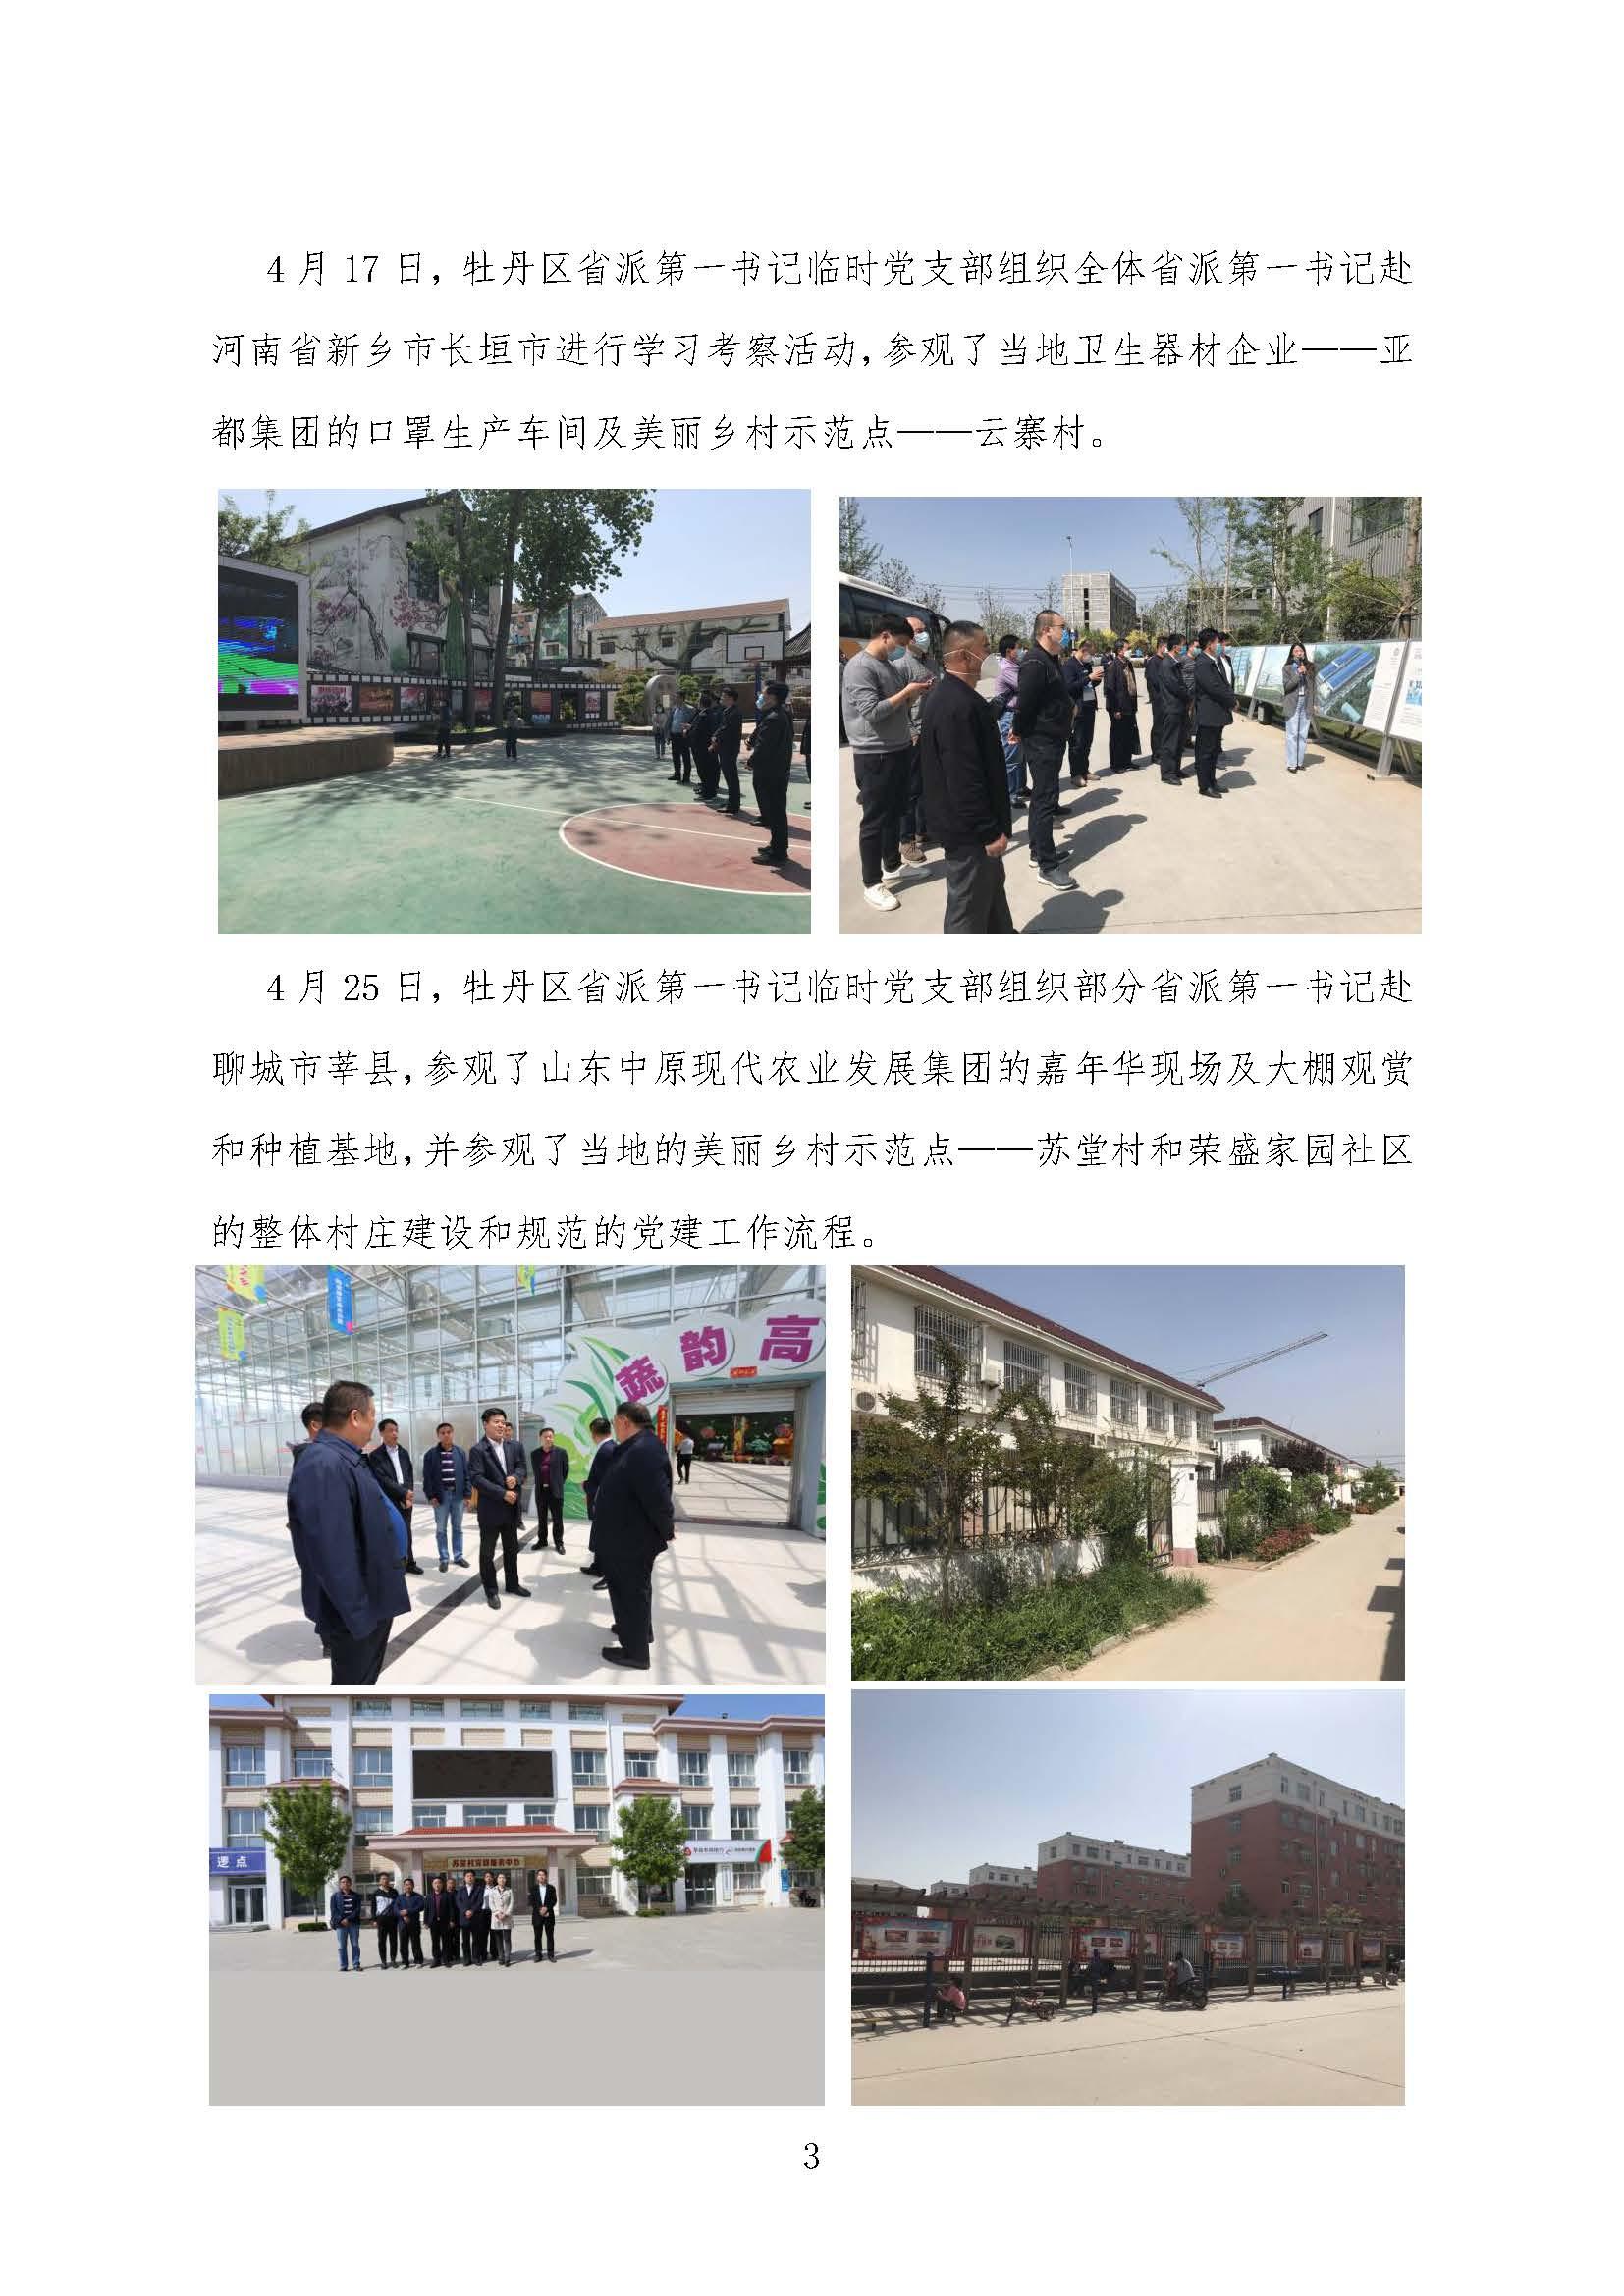 山东高速集团省派第一书记工作简讯-第12期_页面_3